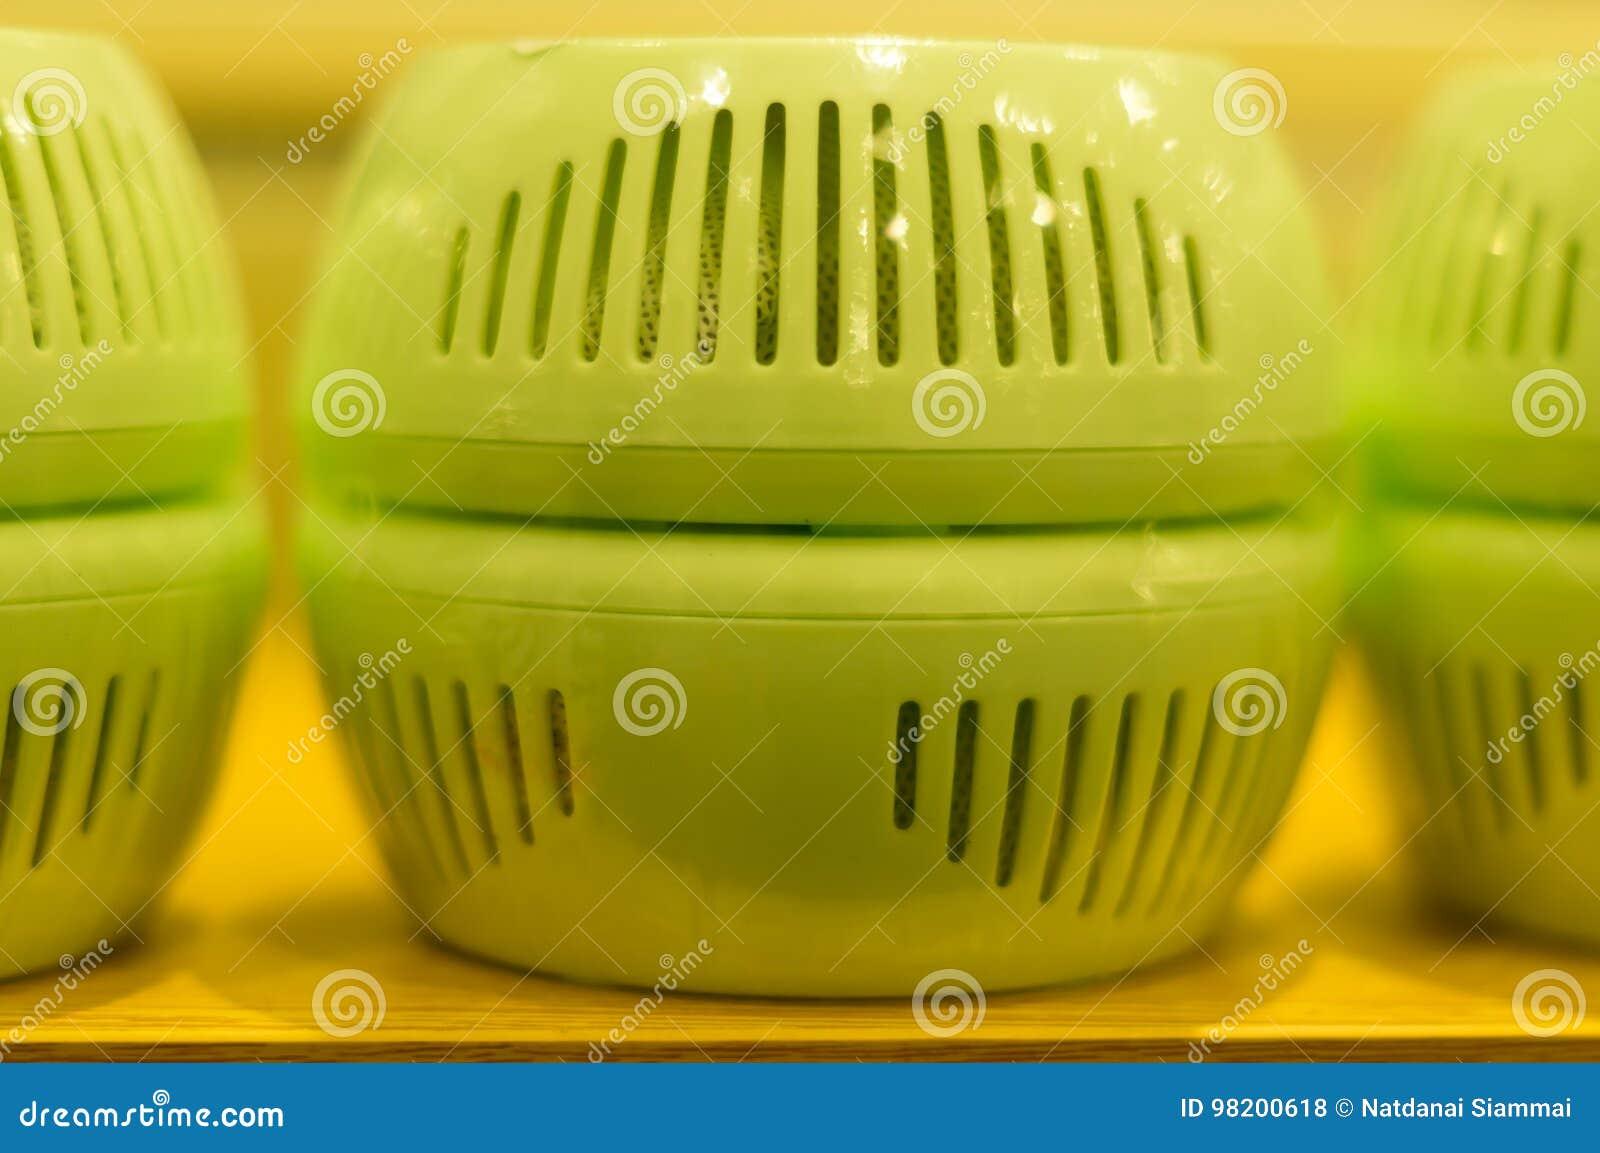 Download Изживание плохого запаха стоковое фото. изображение насчитывающей изживание - 98200618